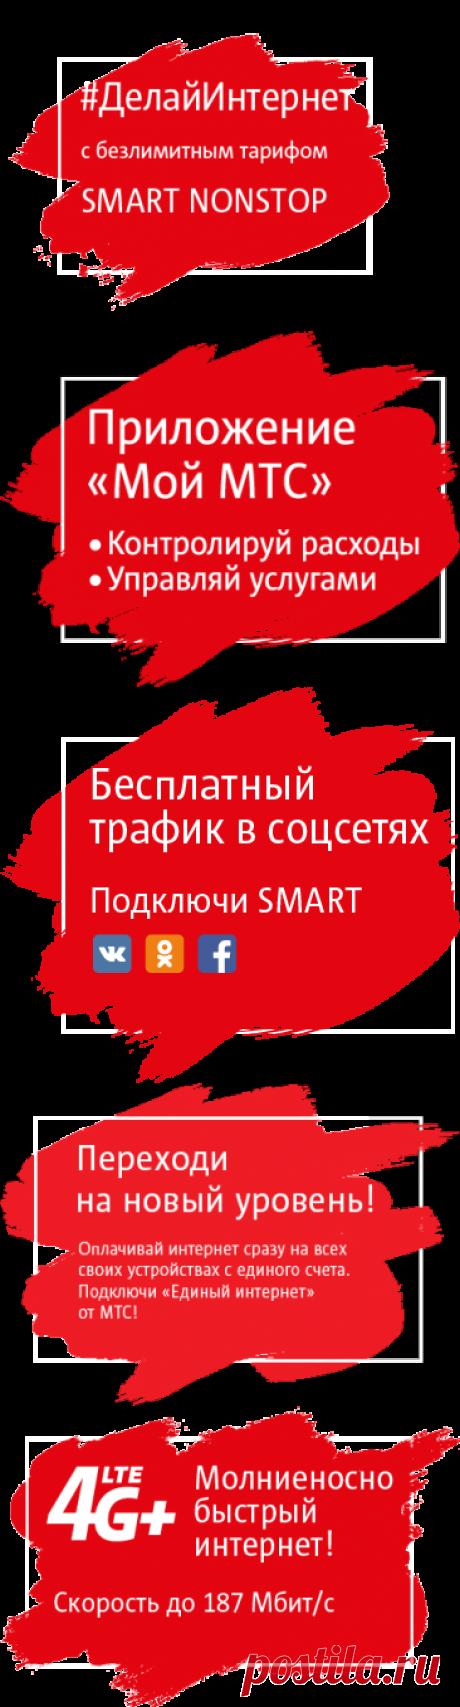 Оператор связи МТС - Сотовая связь, телевидение и интернет, услуги мобильной связи частным клиентам - Москва и Подмосковье